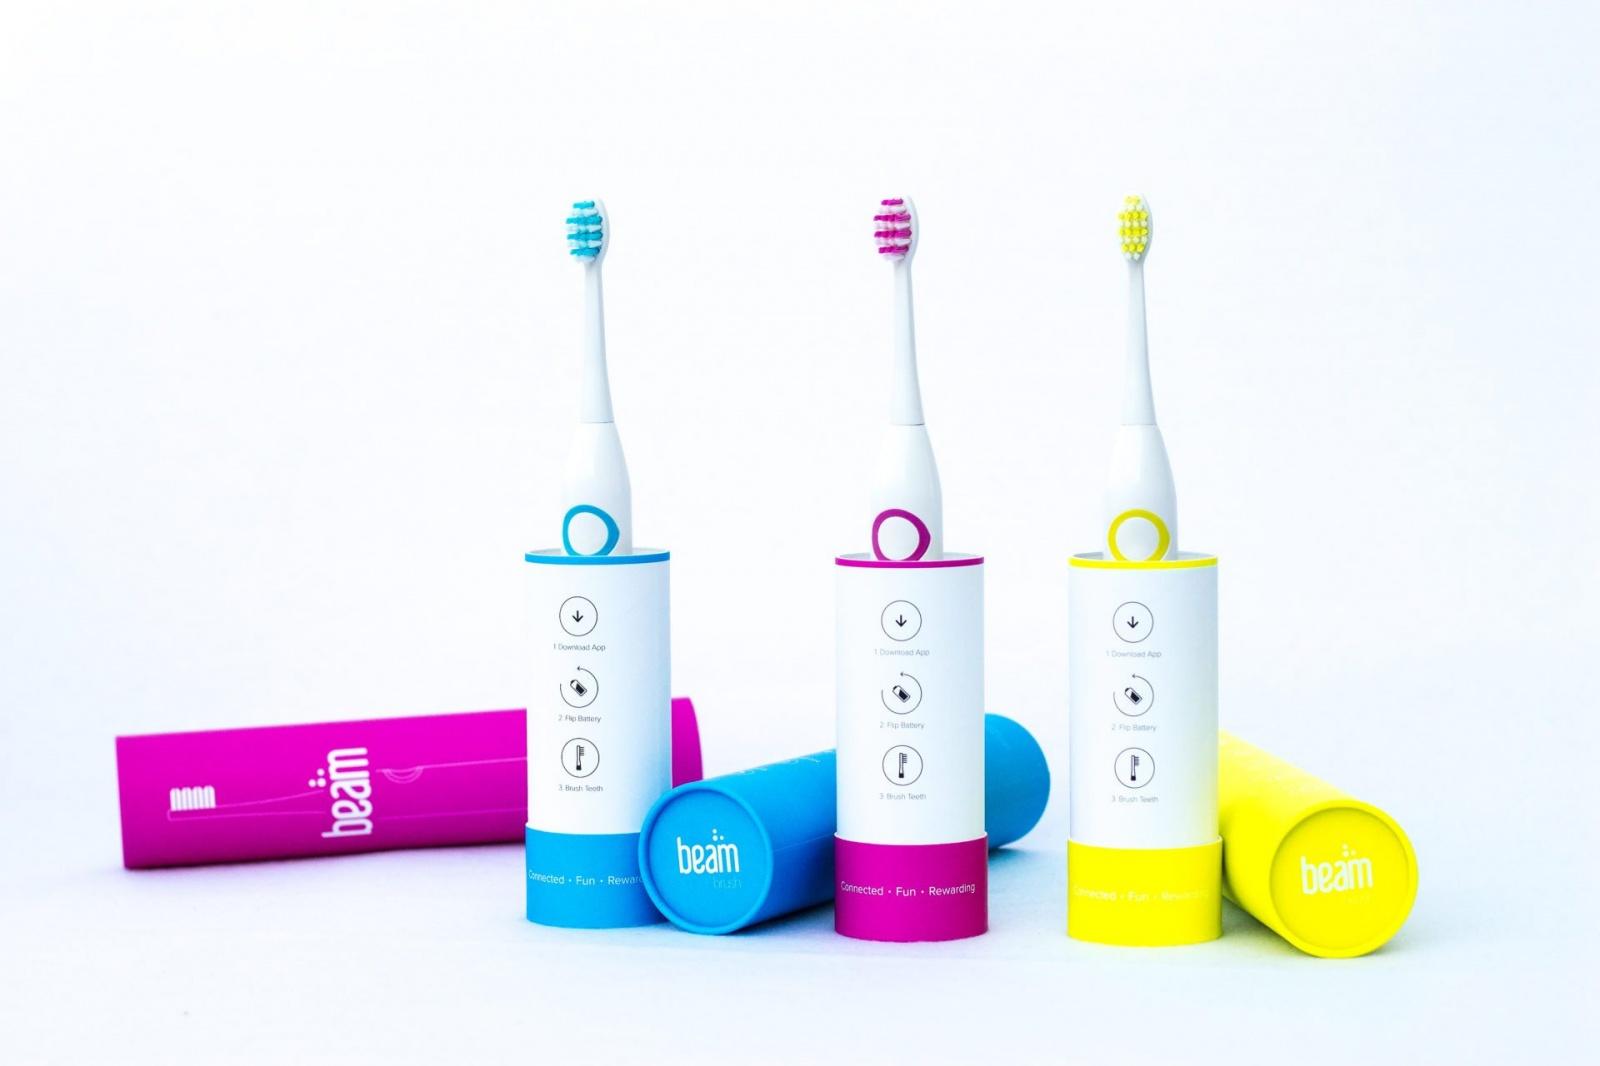 Умные щетки приучат детей чистить зубы 2 минуты - 10